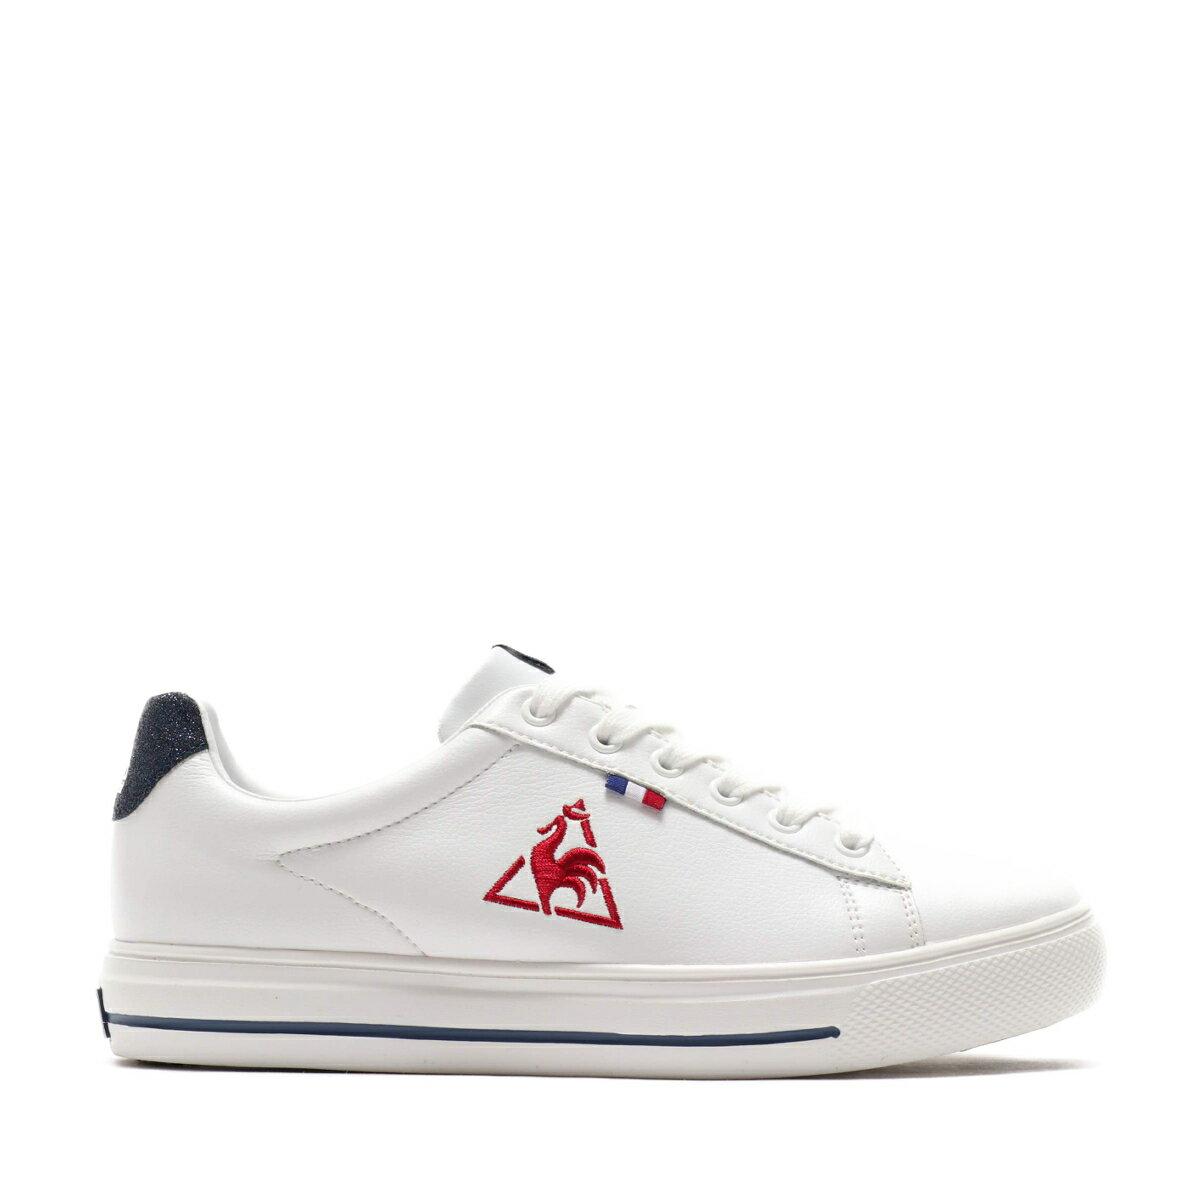 メンズ靴, スニーカー le coq sportif TELUNA BOUND COURT LE AT(WHITE)( )20SS-I